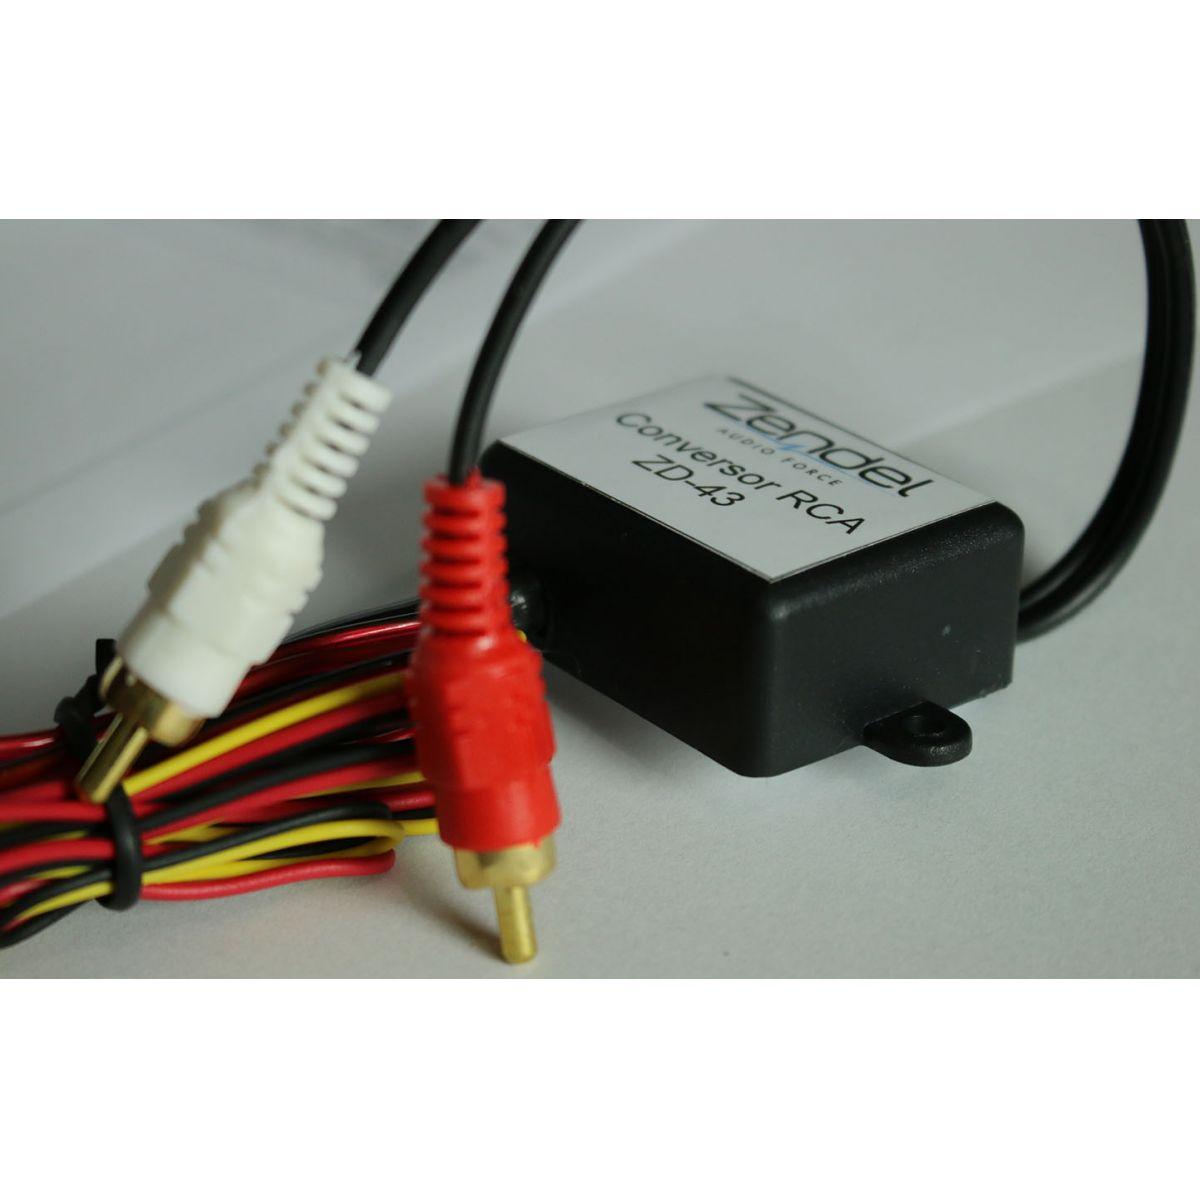 Conversor de Fio para RCA com Remoto - Ligação de Módulo no Som Original